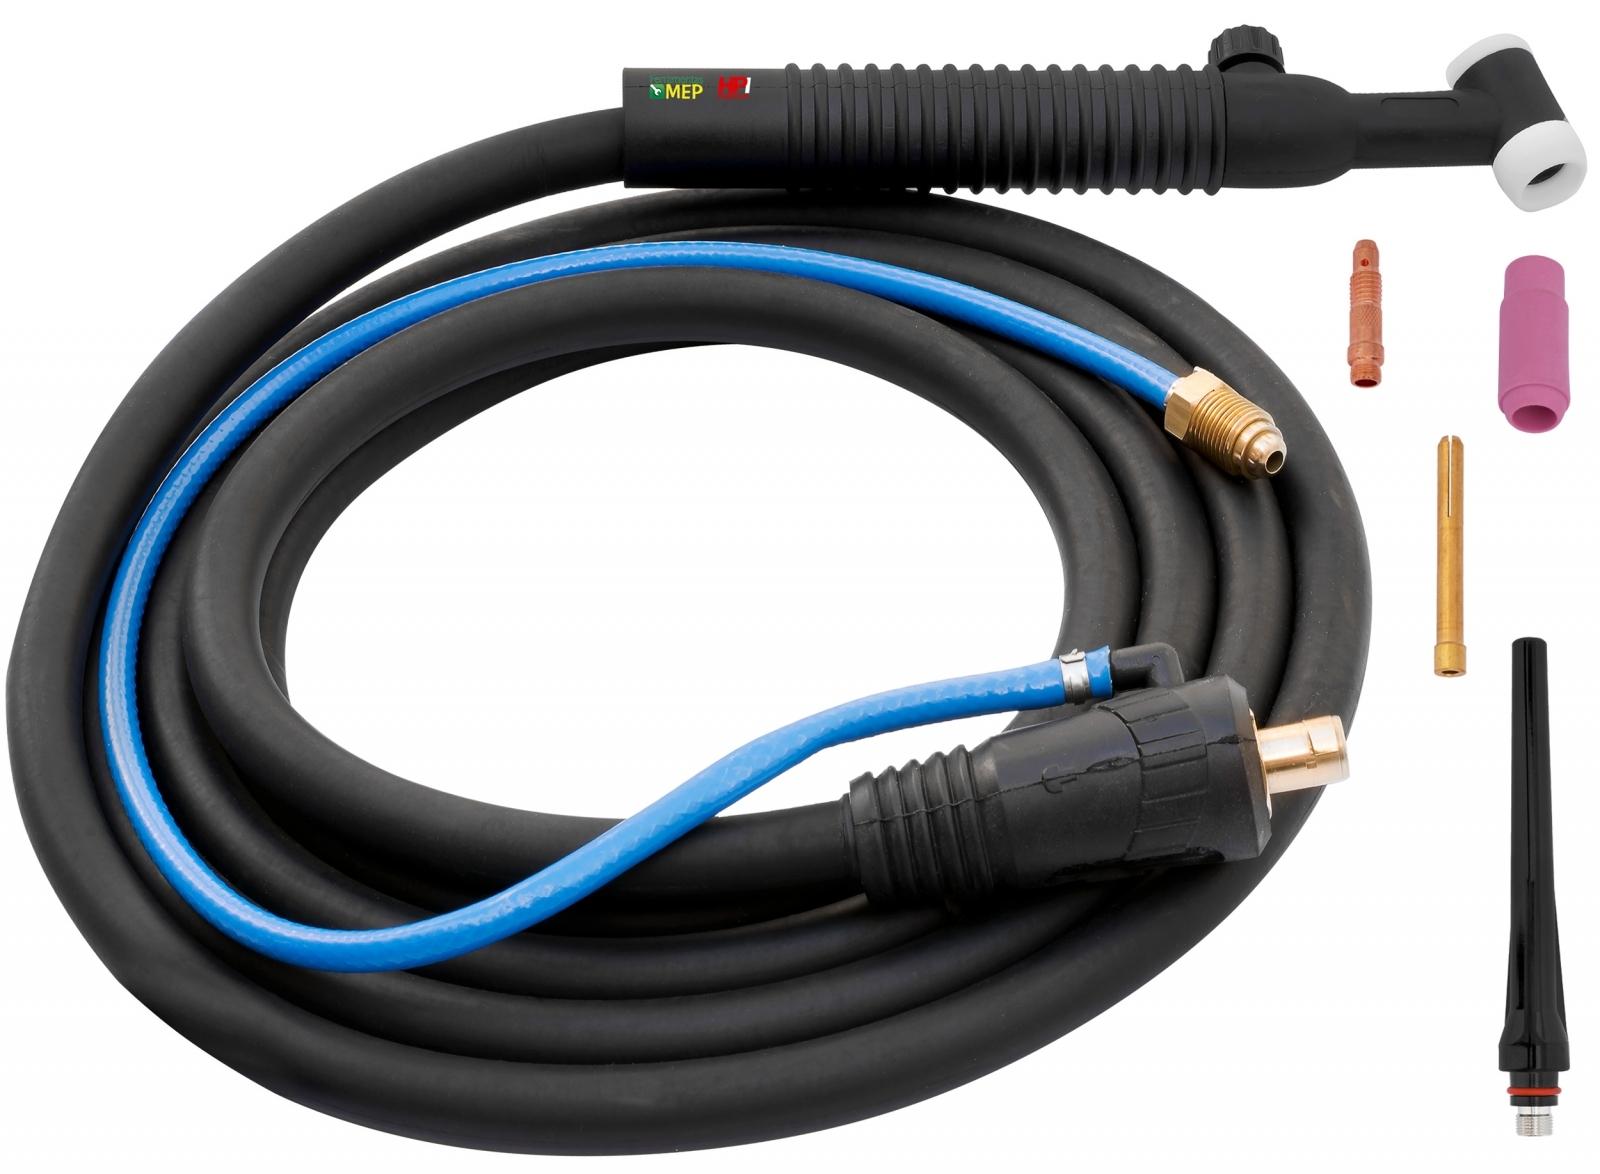 Tocha Tig Seca Com Valvula Para Inversora De Solda 13mm - Ferramentas MEP